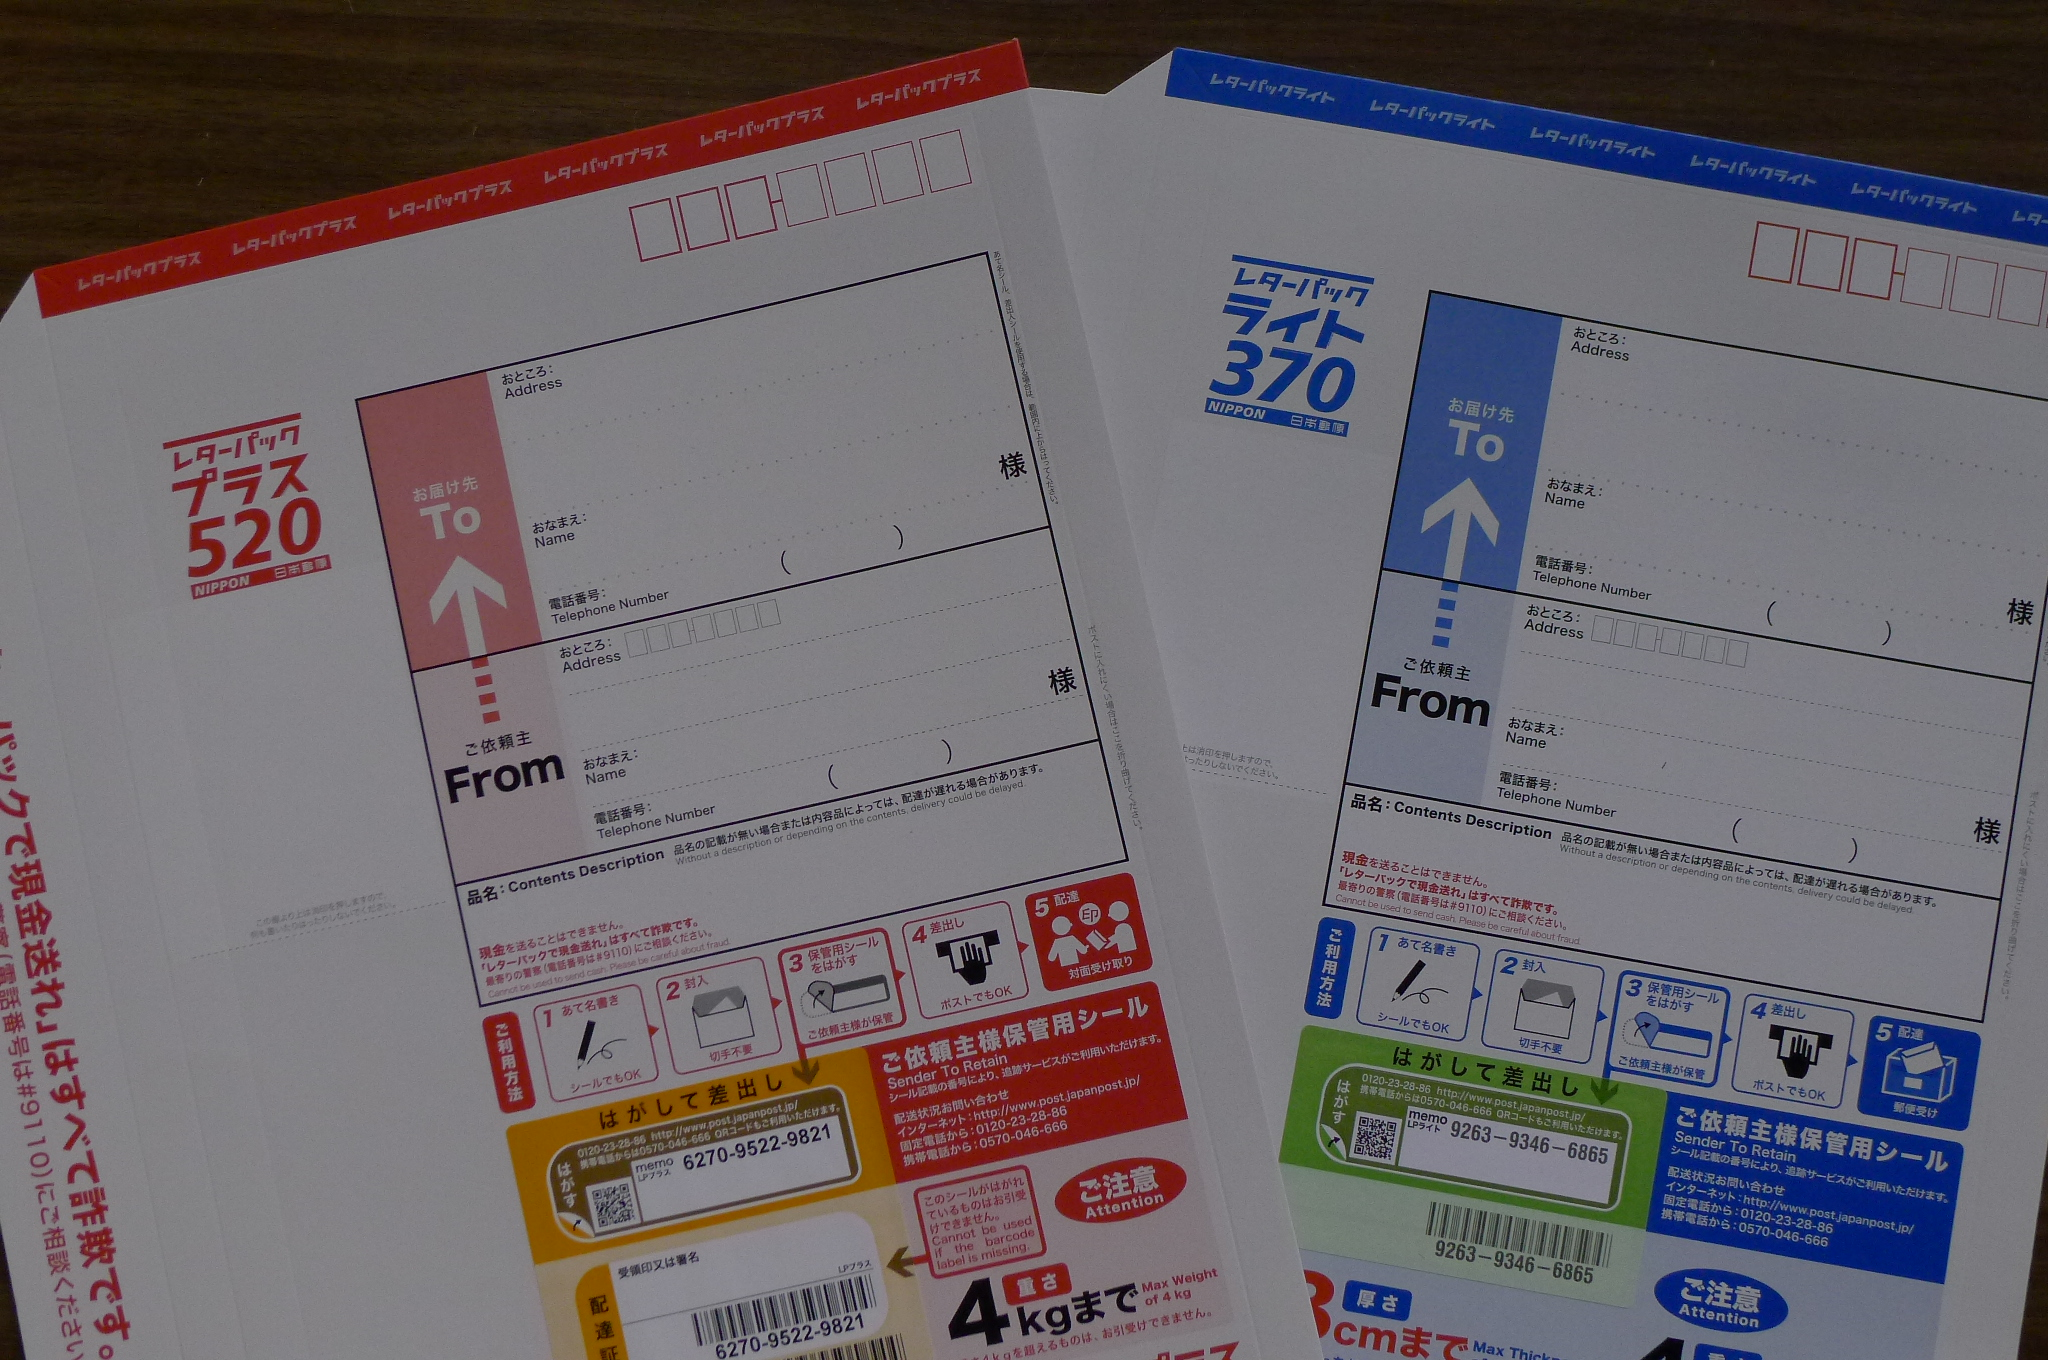 郵便 パック 追跡 ゆう 日本